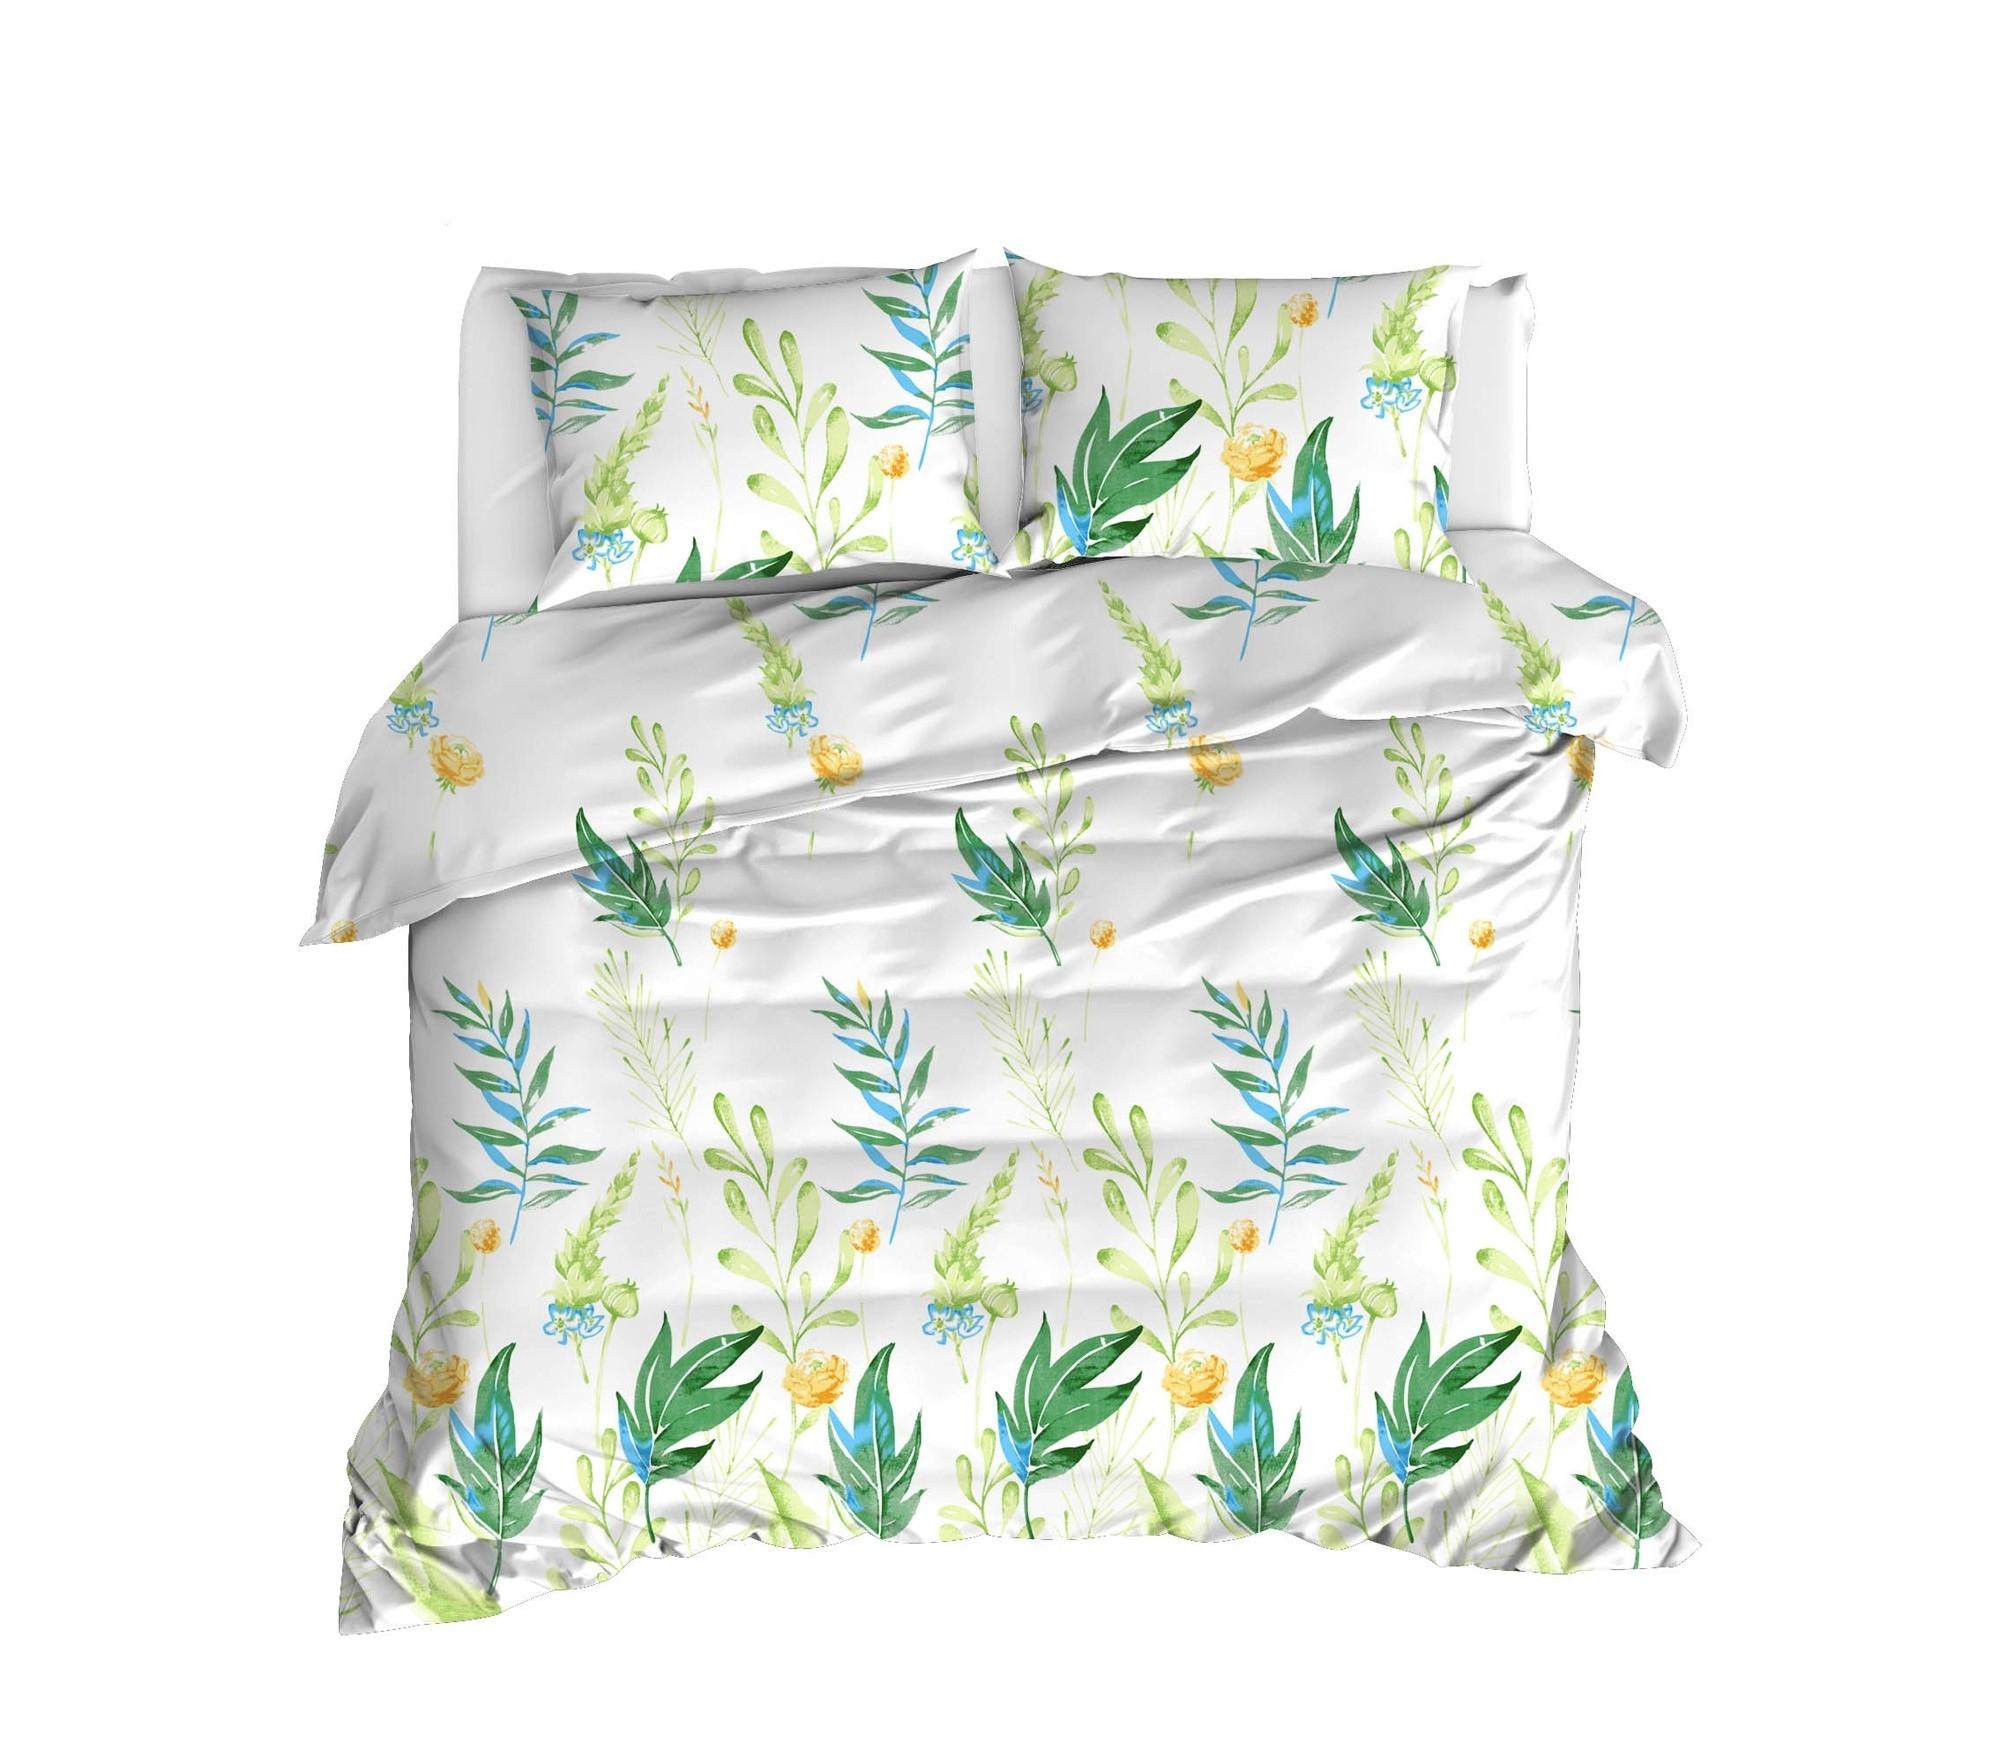 Lenjerie de pat din bumbac Ranforce Arta Alb / Verde, 200 x 220 cm somproduct.ro